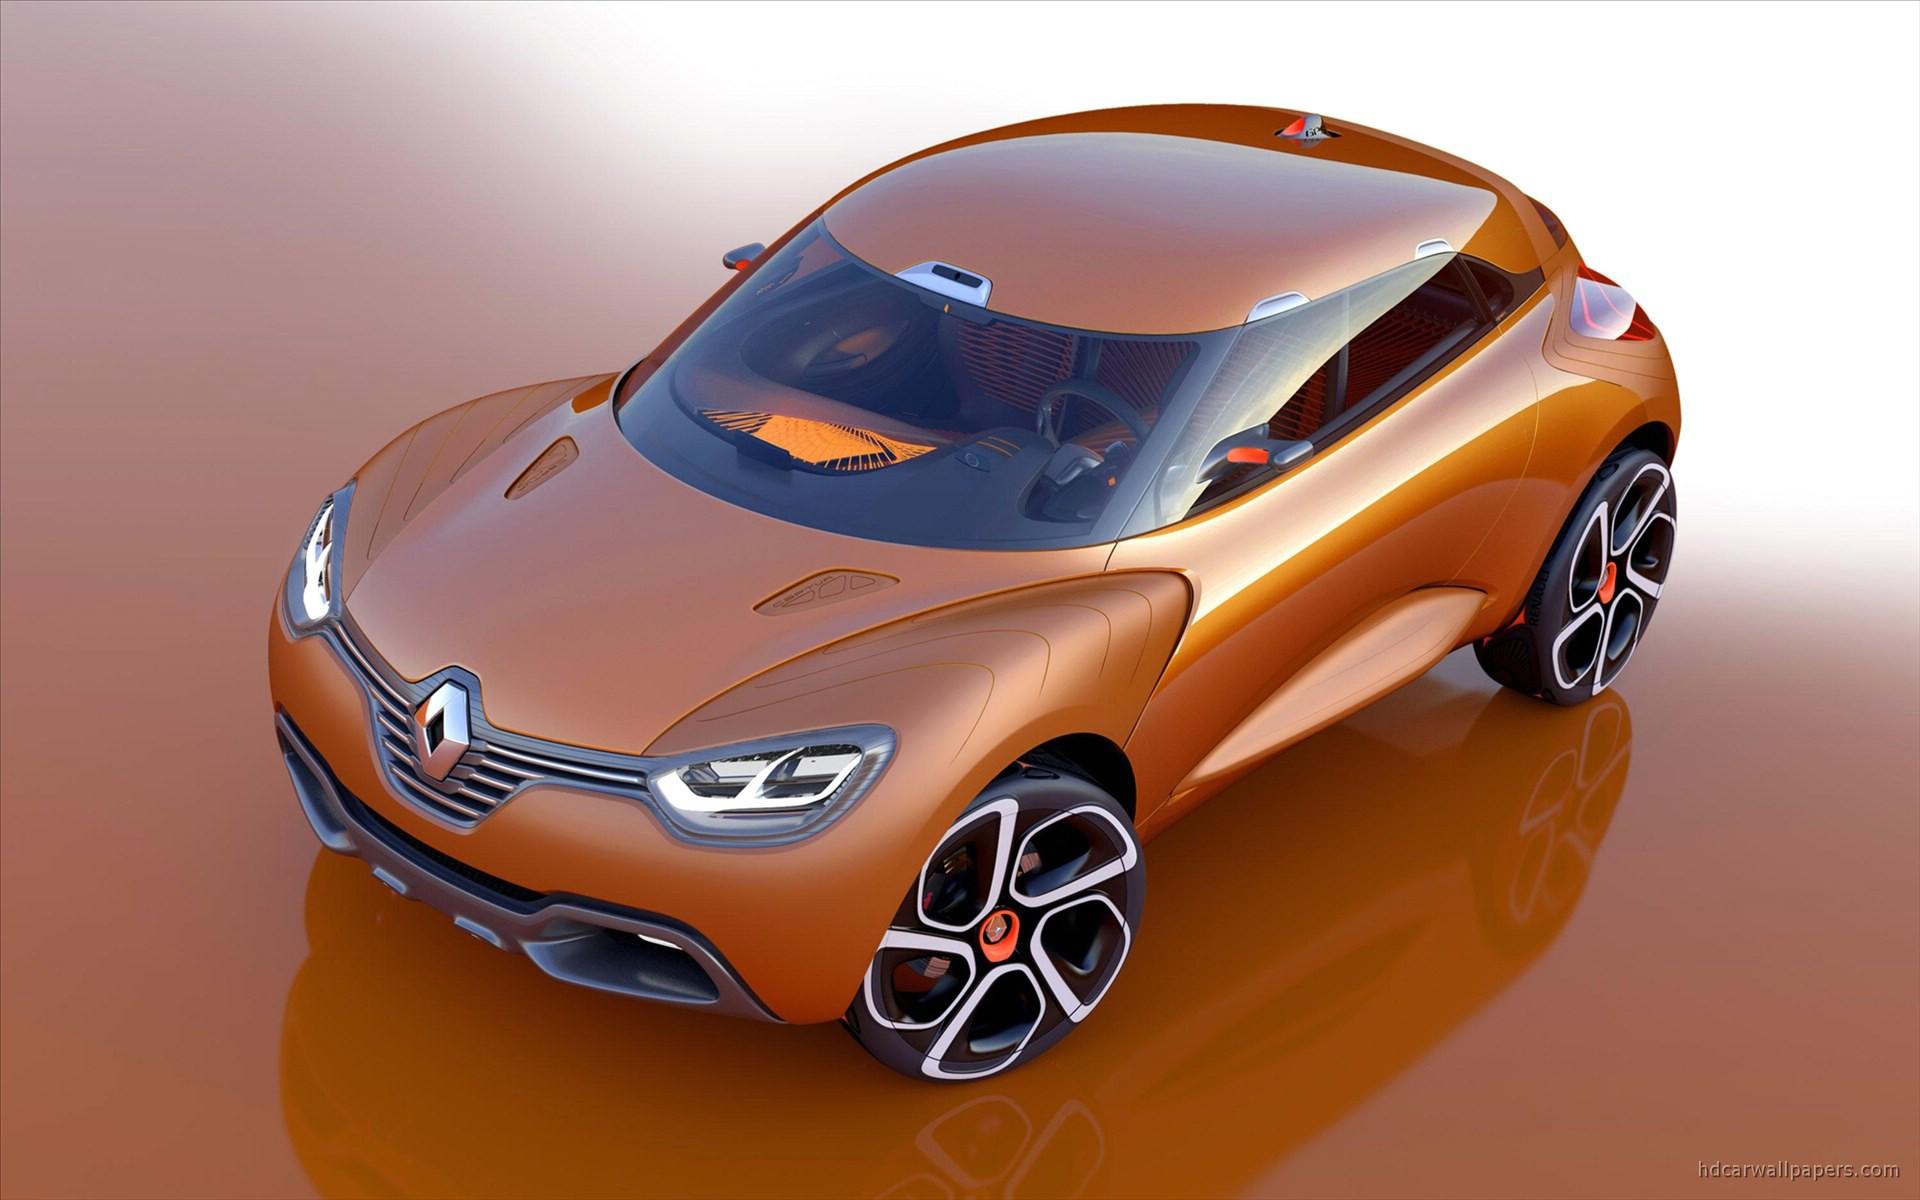 2011 Renault CAPTUR Concept Wallpaper | HD Car Wallpapers